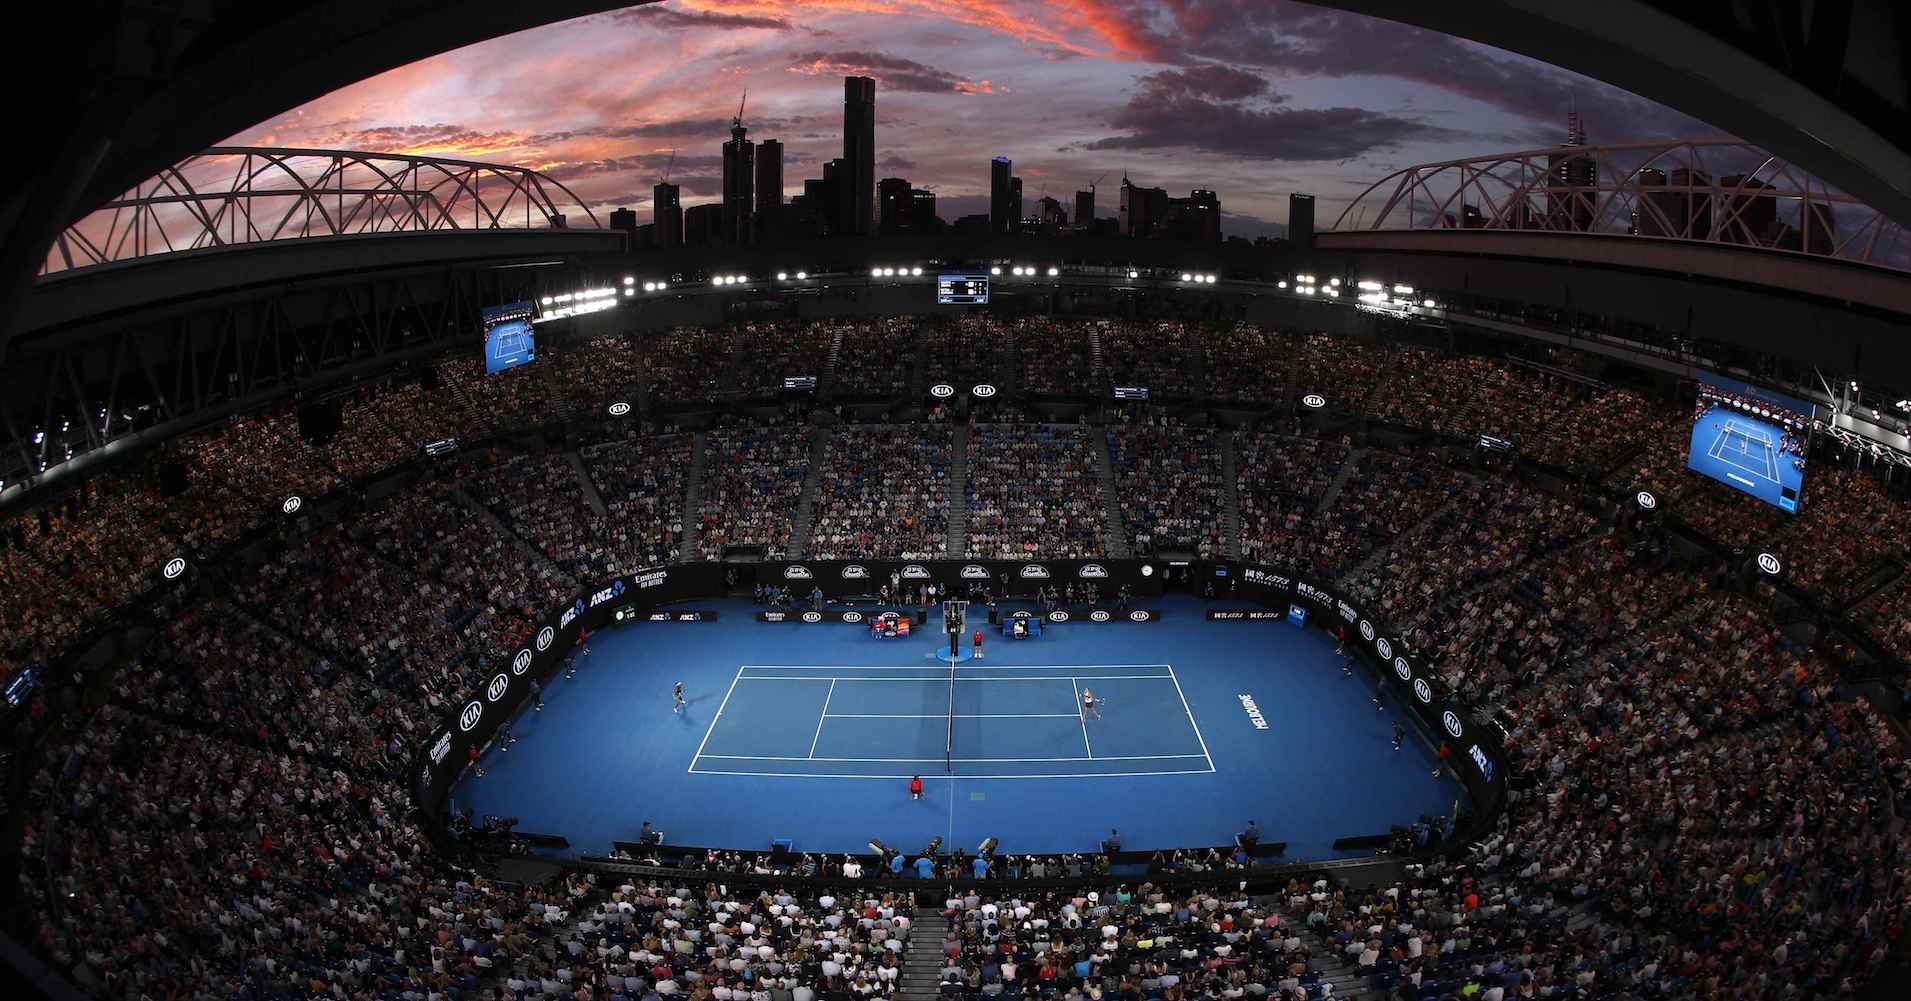 Rod Laver arena, Melbourne